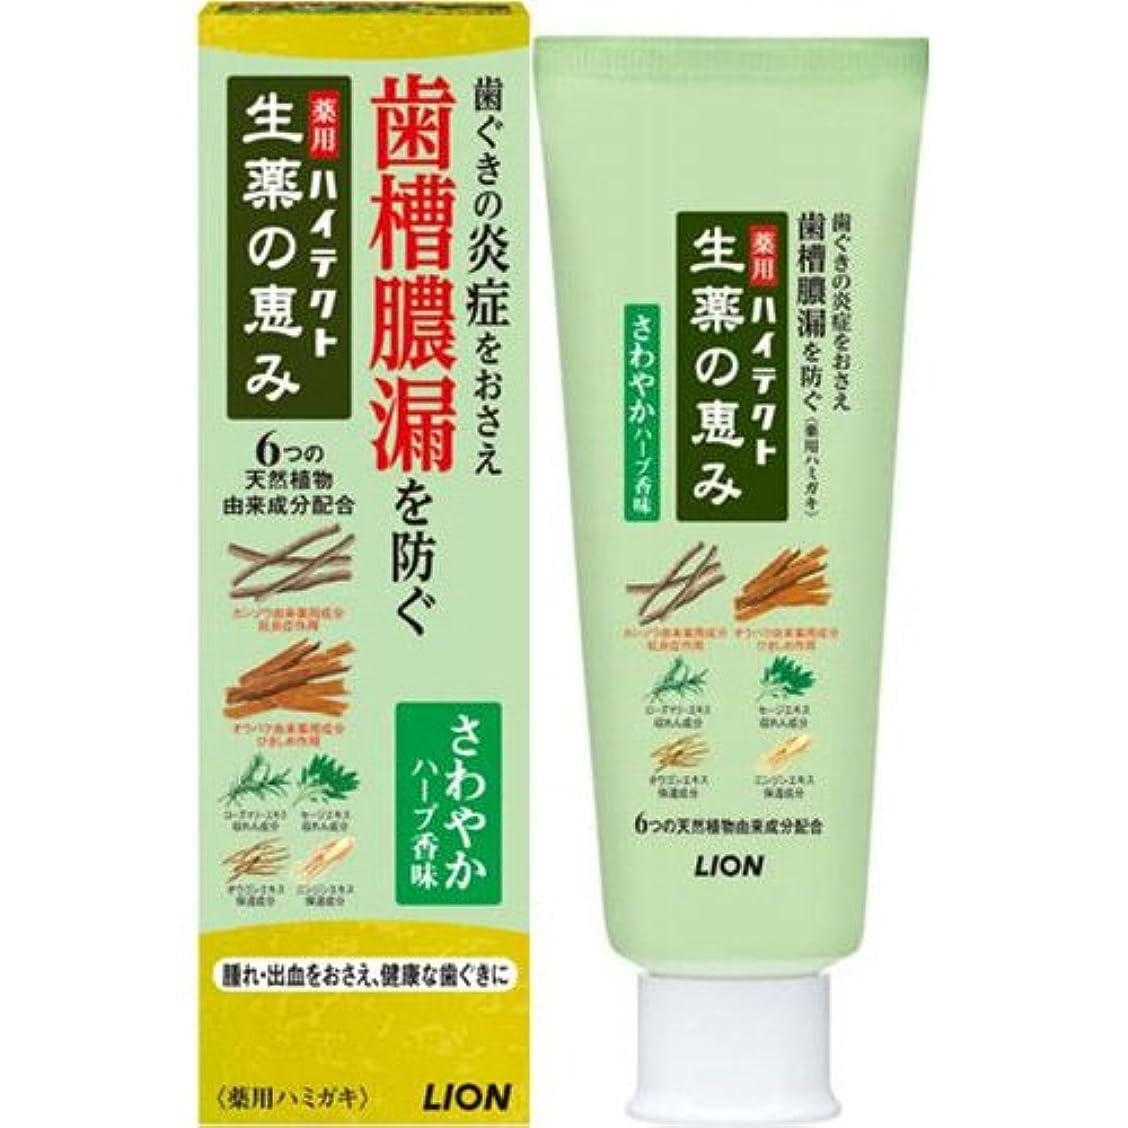 バッグメンバー安心させる【ライオン】ハイテクト 生薬の恵み さわやかハーブ香味 90g ×3個セット